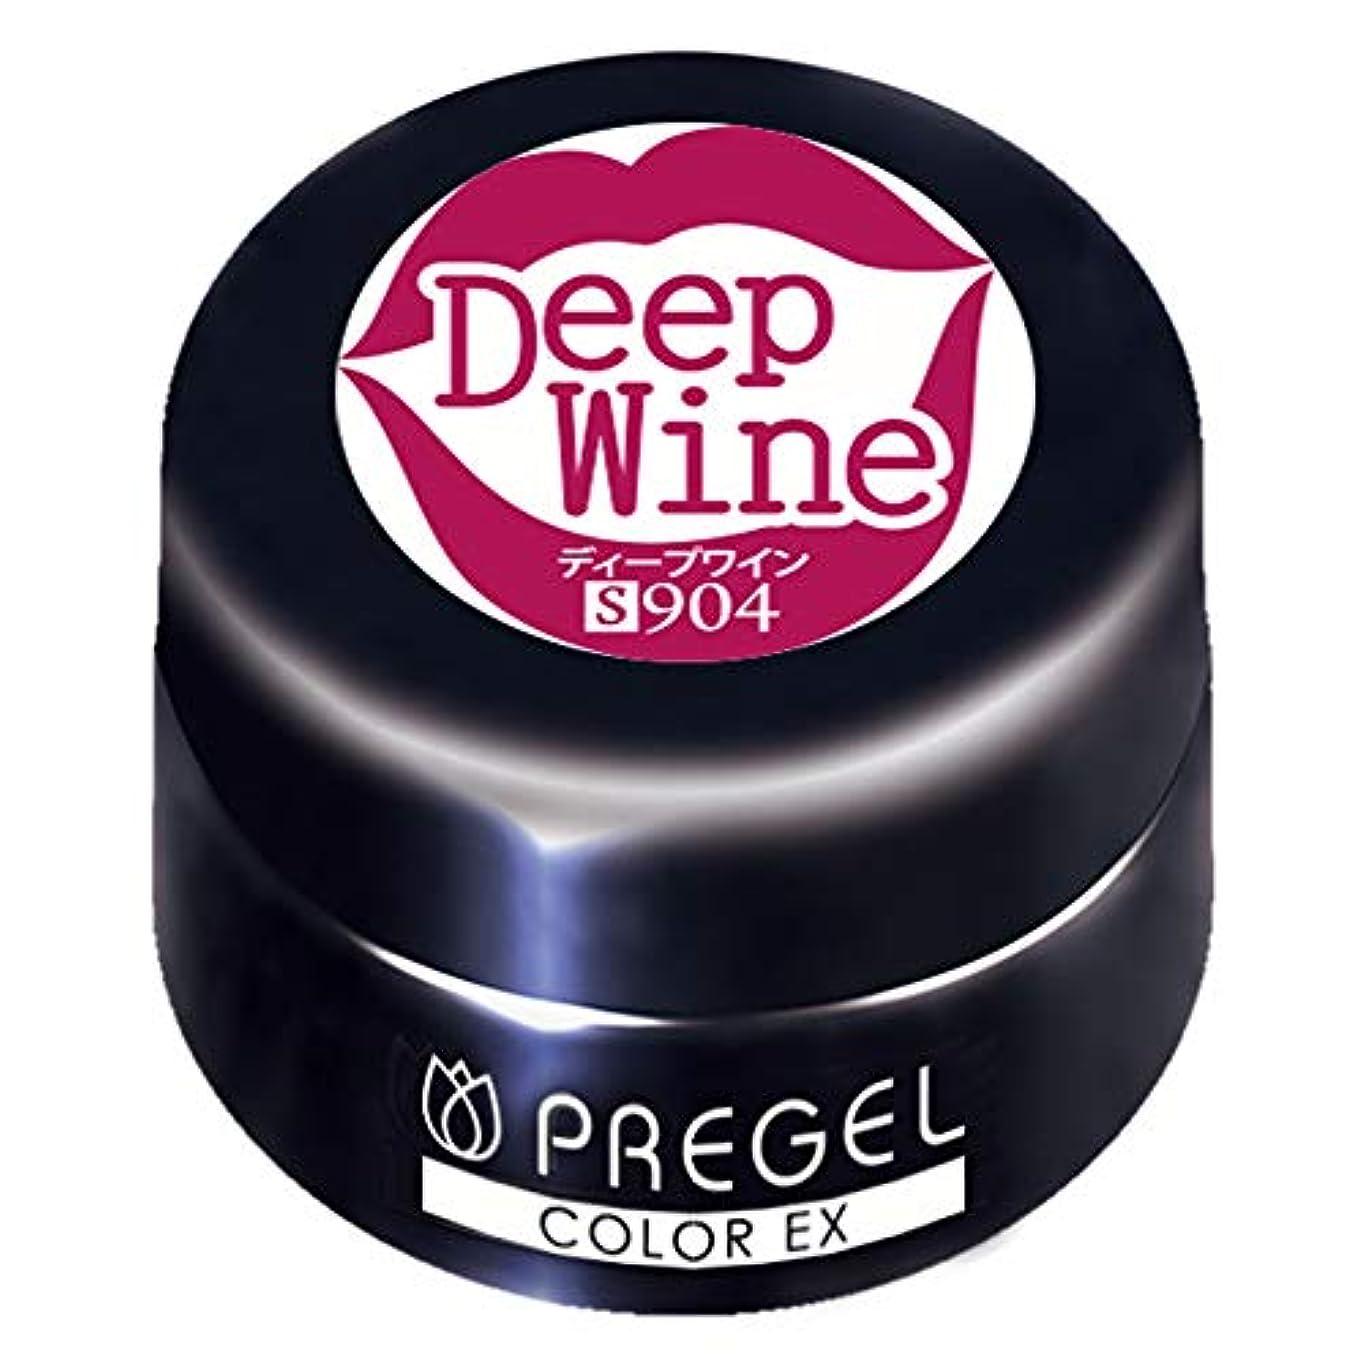 百年公爵夫人解明するPRE GEL カラーEX ディープワイン 3g PG-CE904